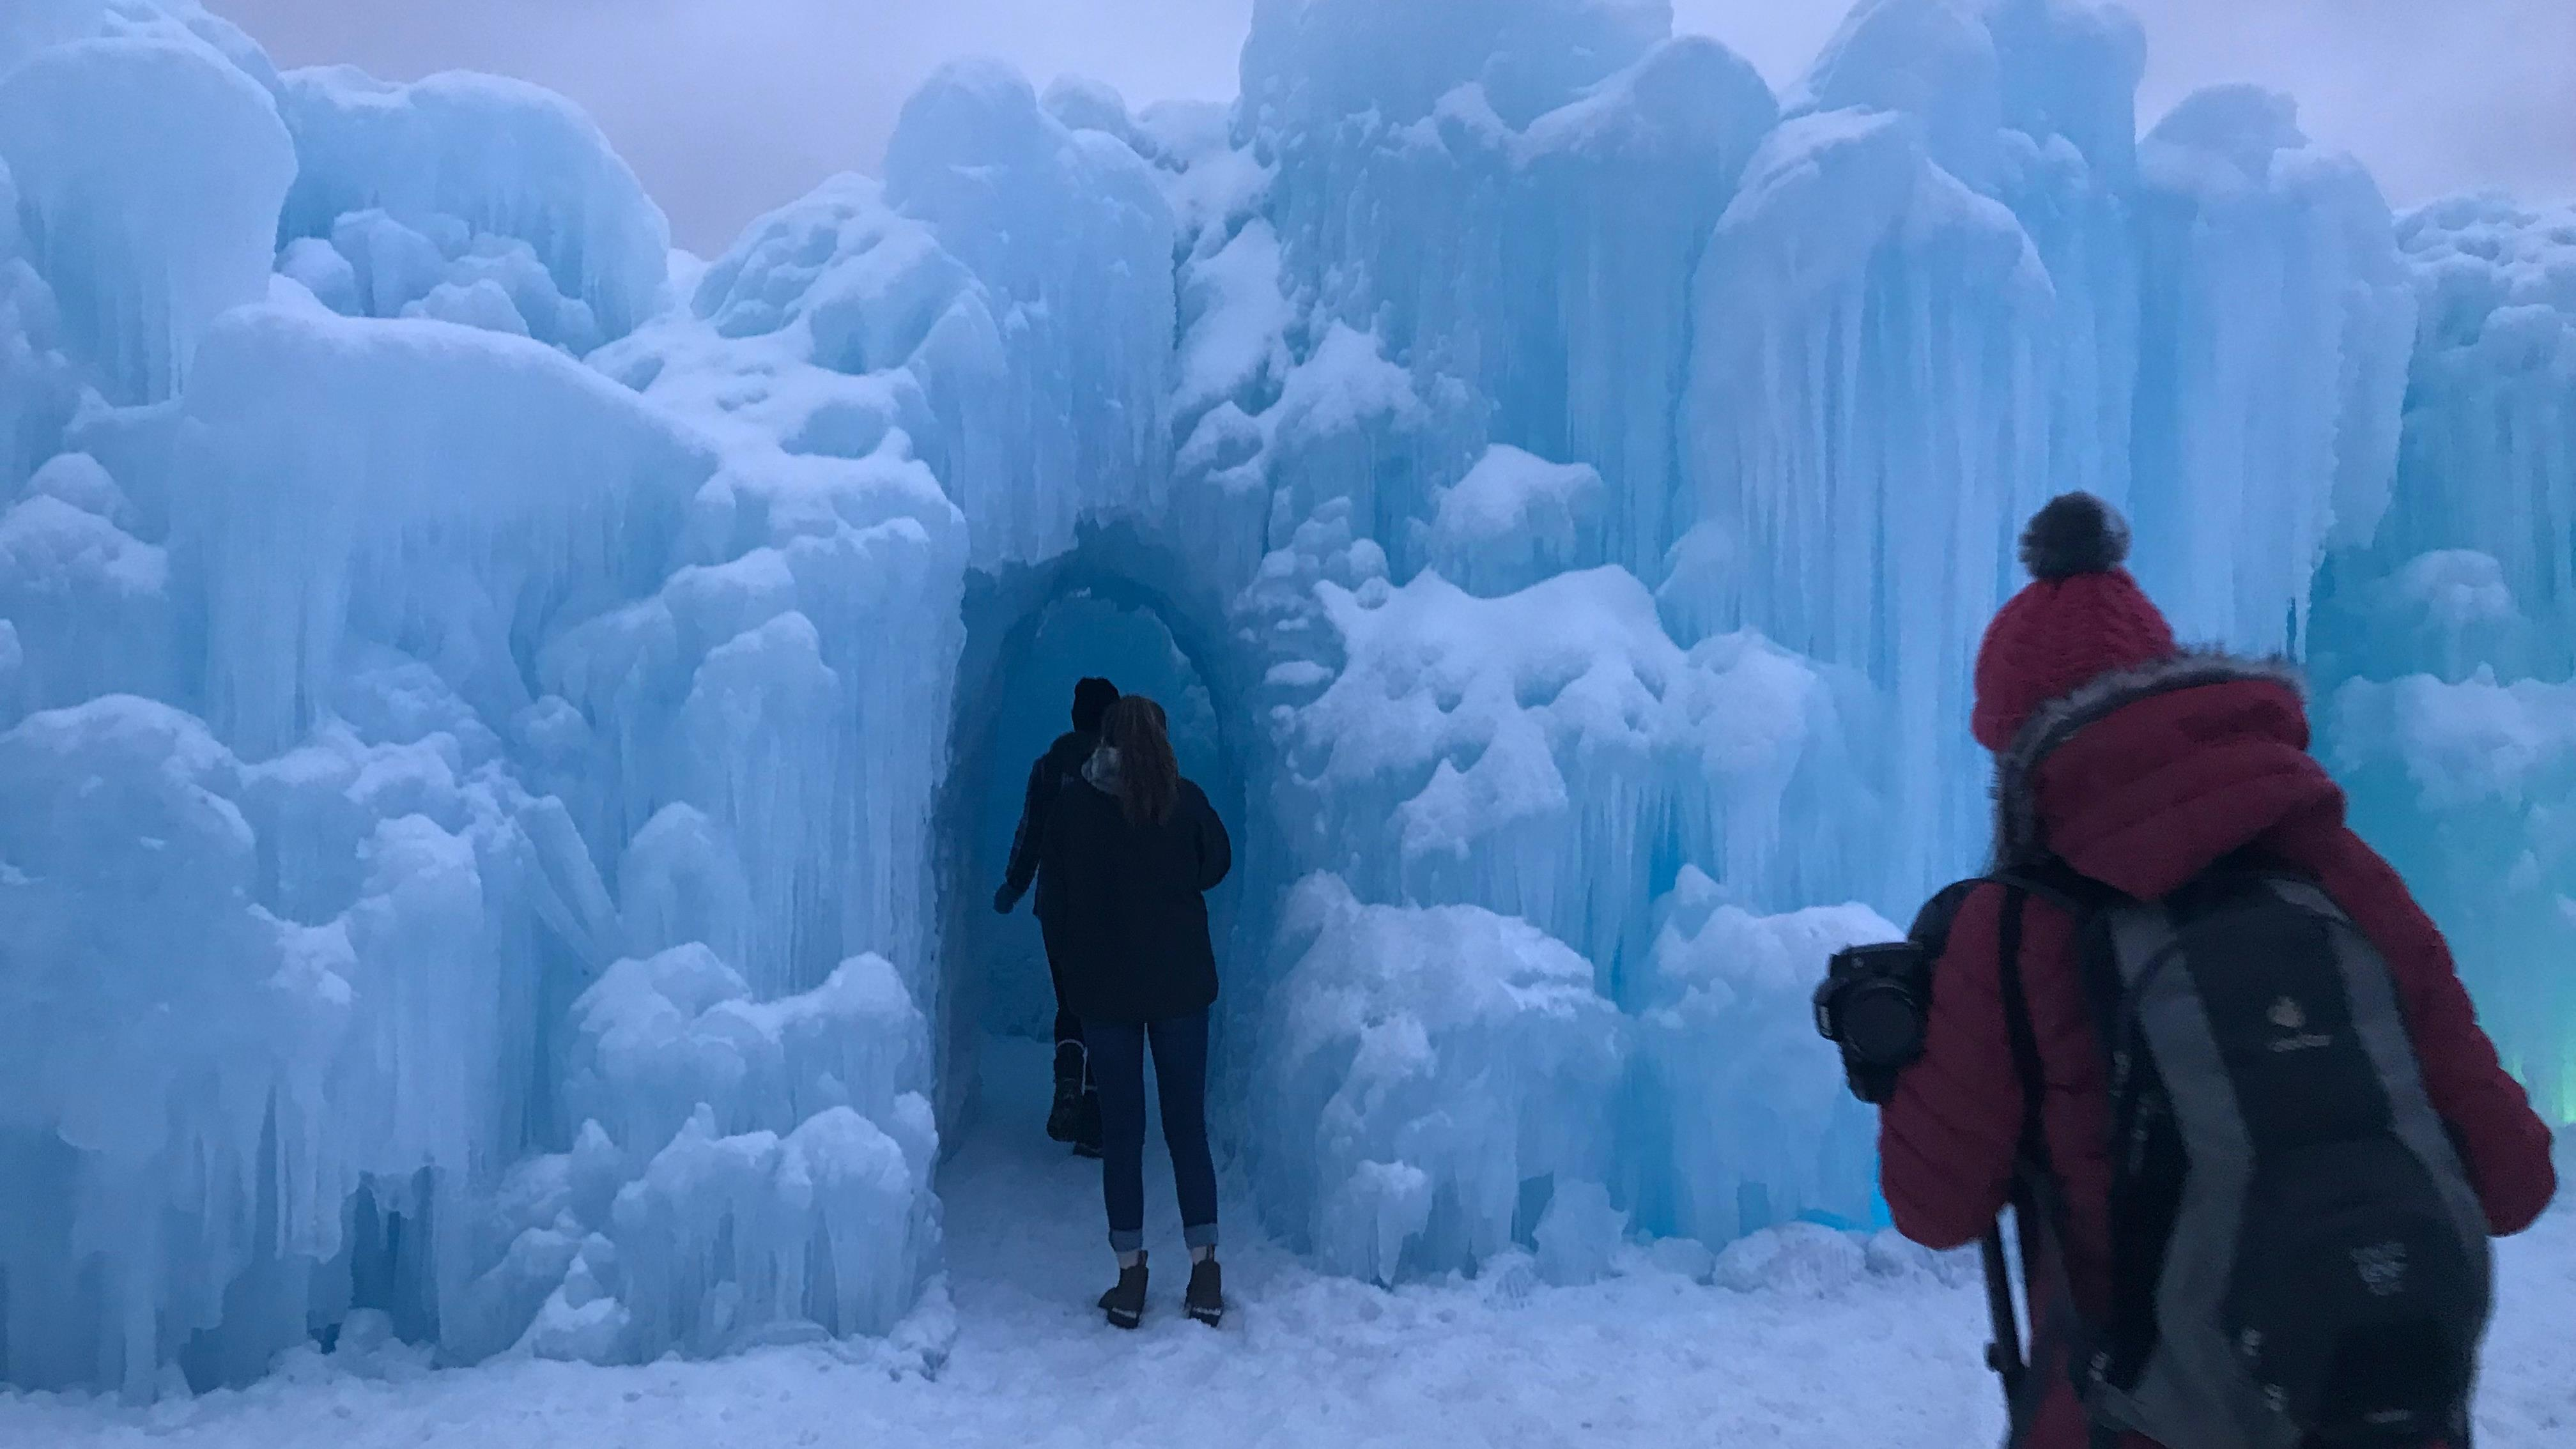 Des visiteurs traversent un tunnel de glace.